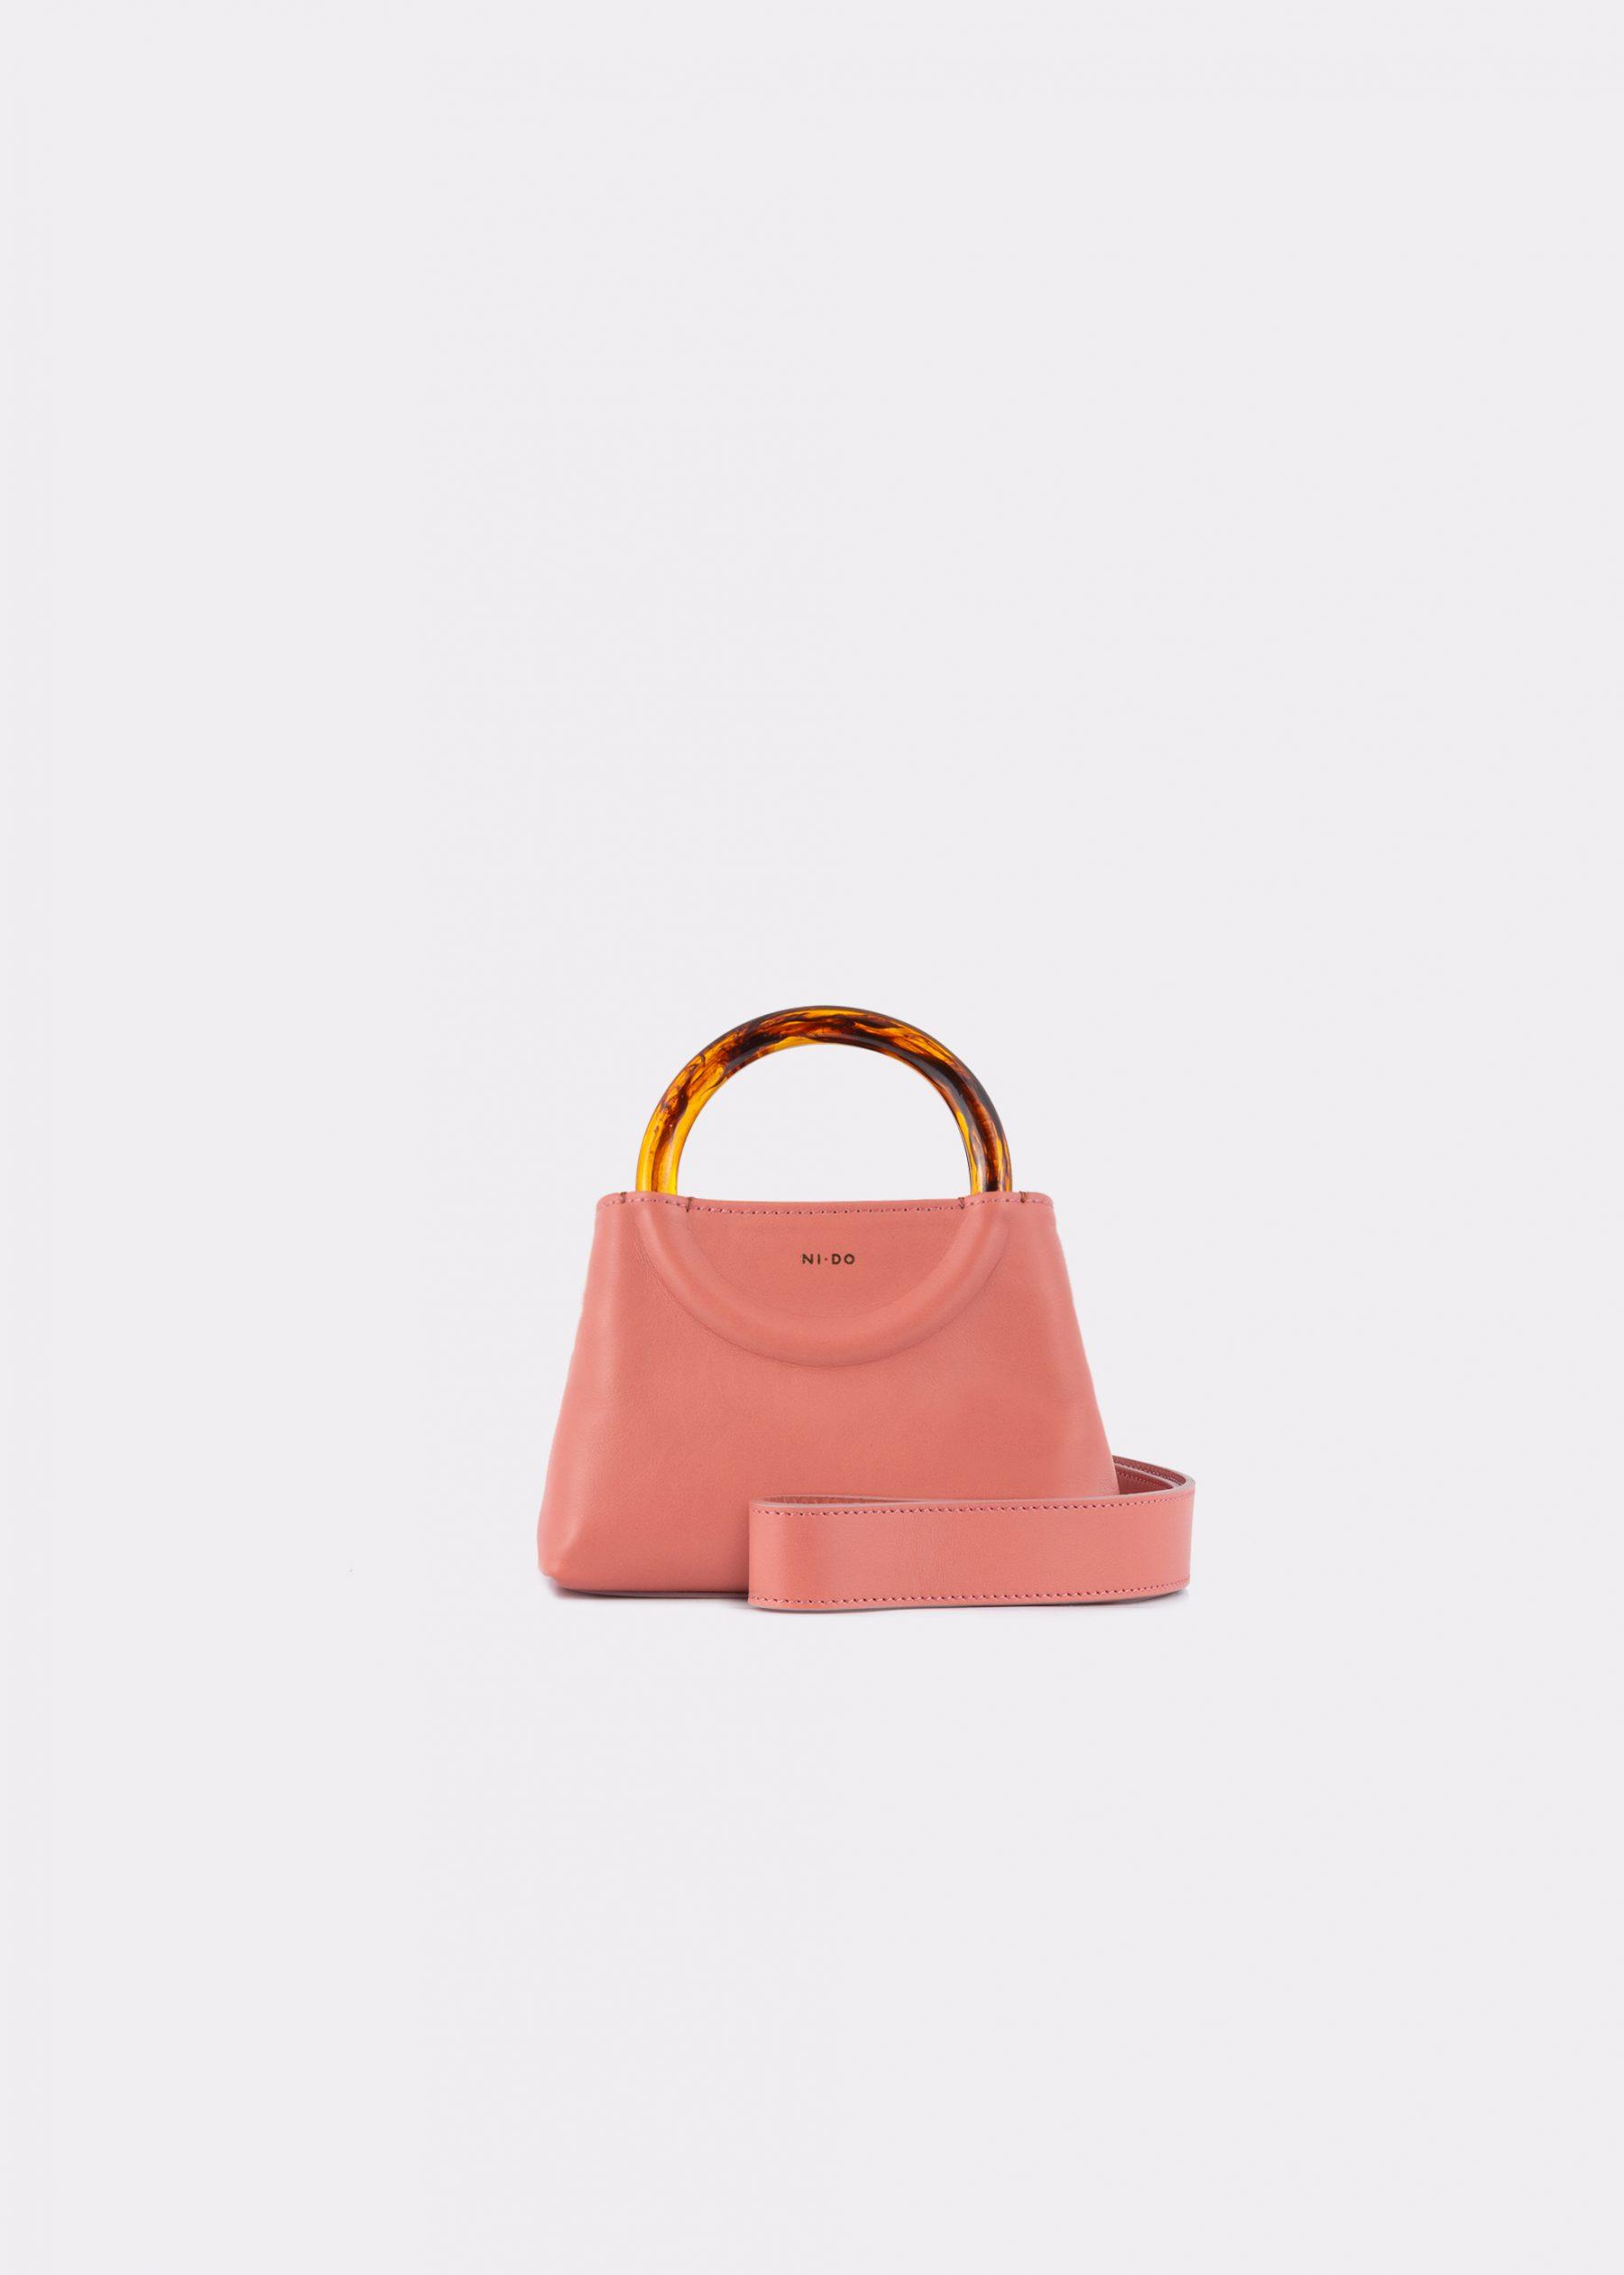 NIDO-Bolla_Micro-bag-blush_shoulderstrap view